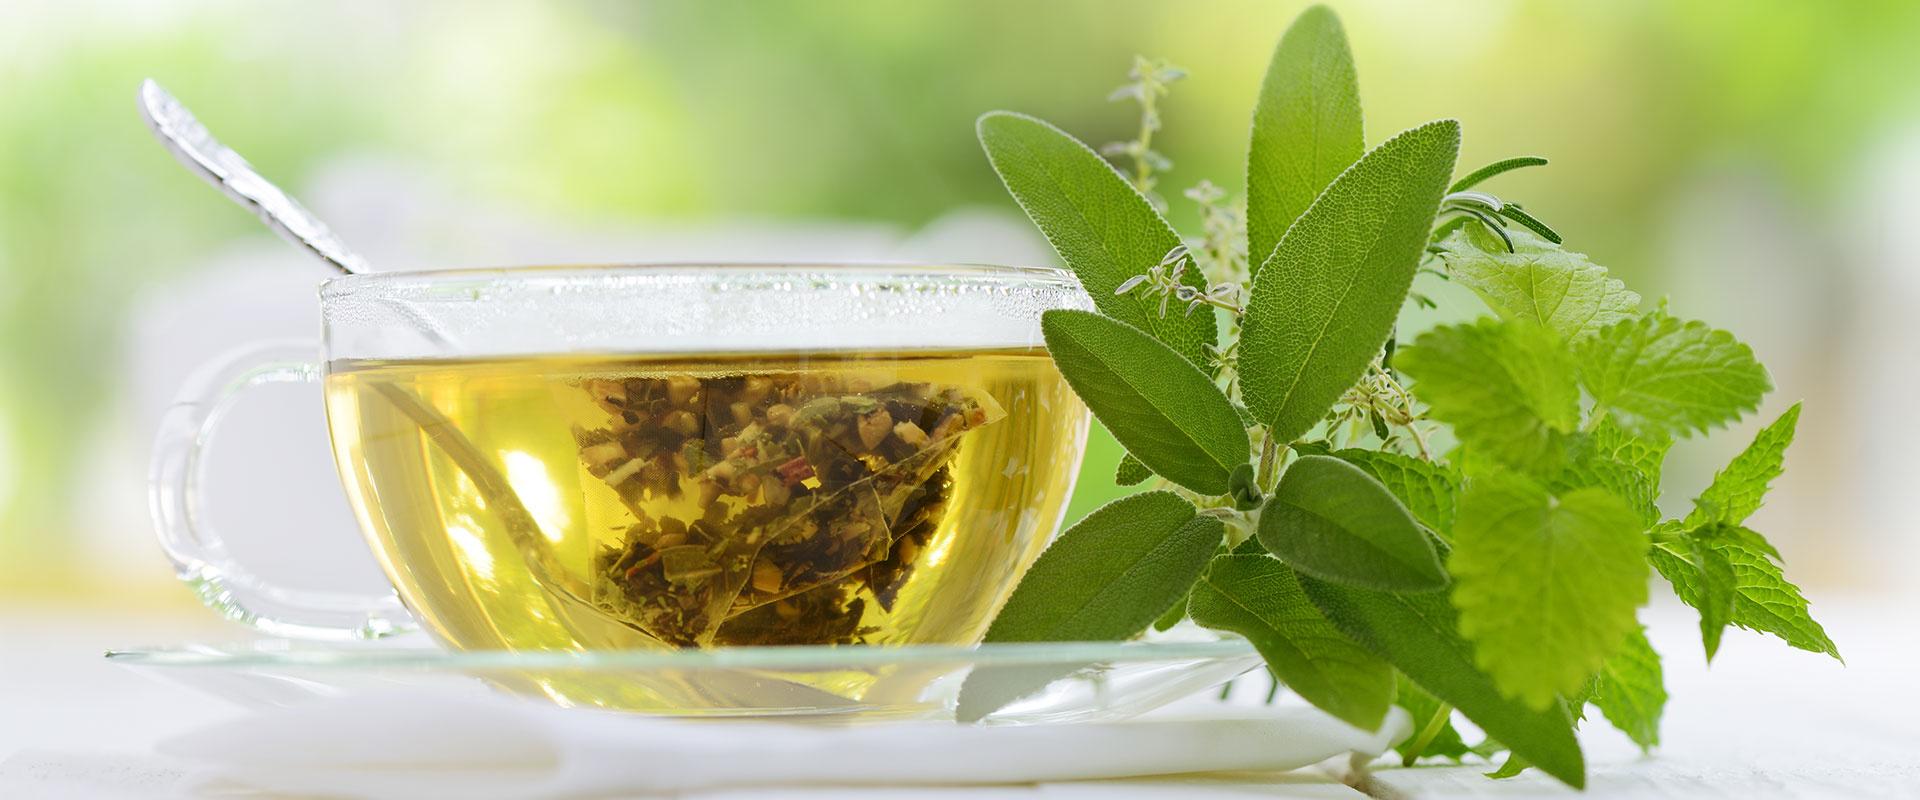 A tea előnyei: fogyás, egészséges csontok és jobb hangulat | Gyógyszer Nélkül